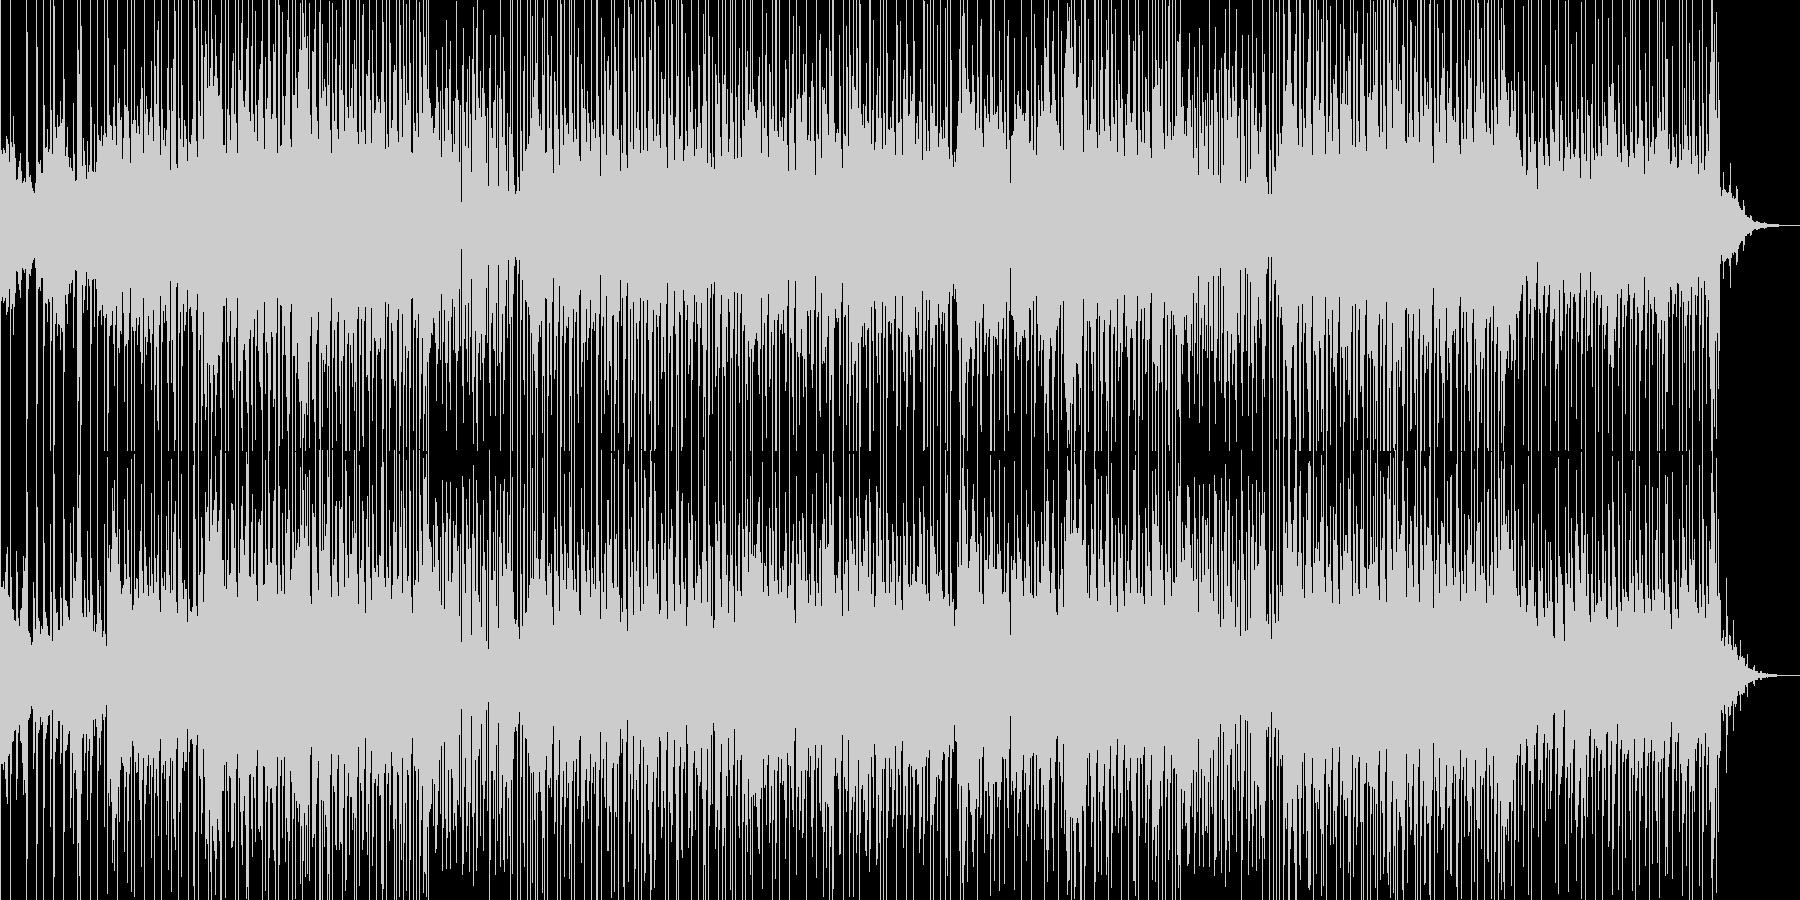 耳に残るピチカートのメロディが印象的な曲の未再生の波形